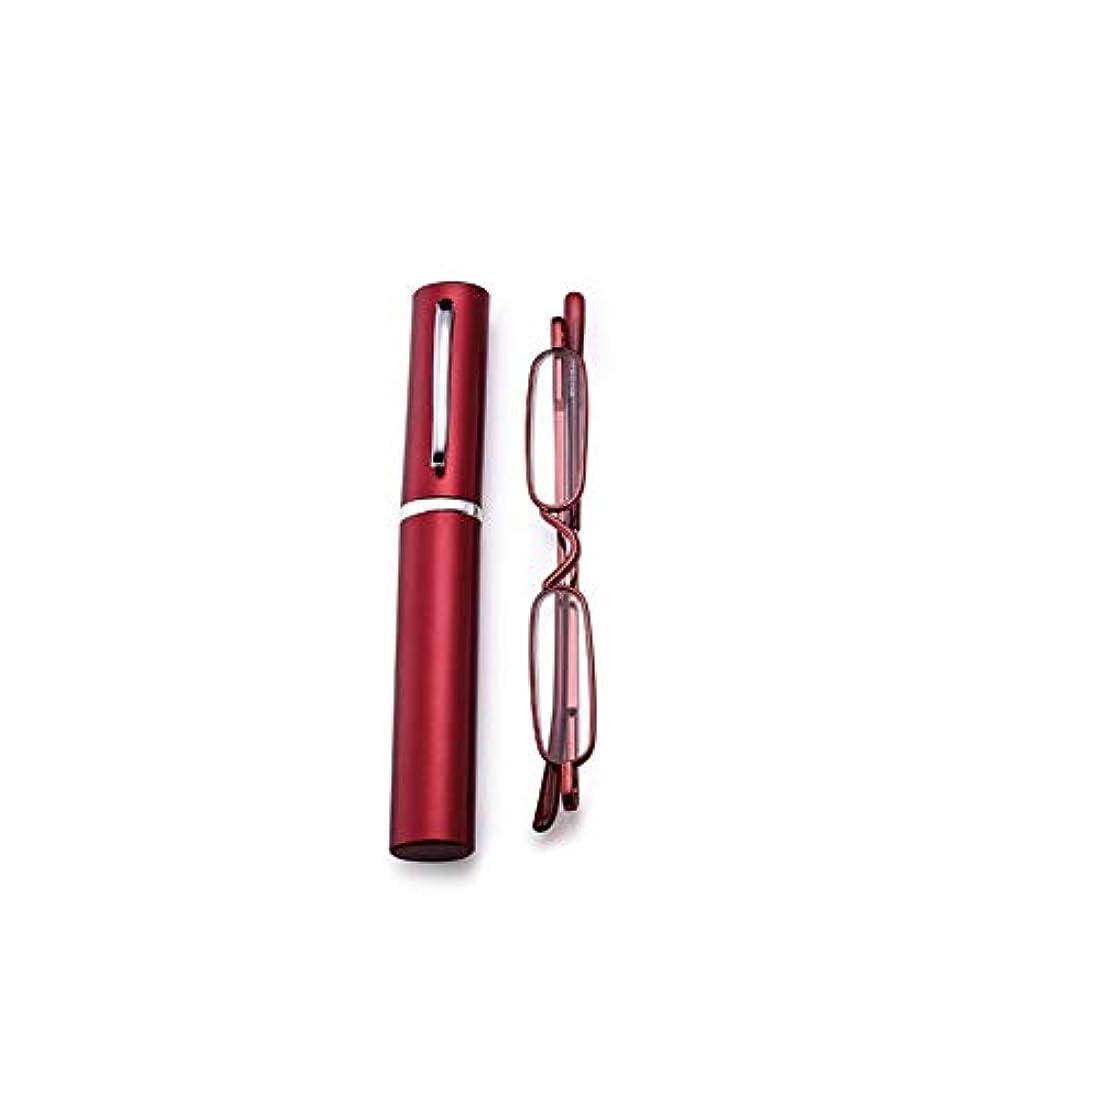 ACHICOO 老眼鏡 ポータブル スリム ミニ メタル リーディング メガネ リーダー メガネ フレーム 200